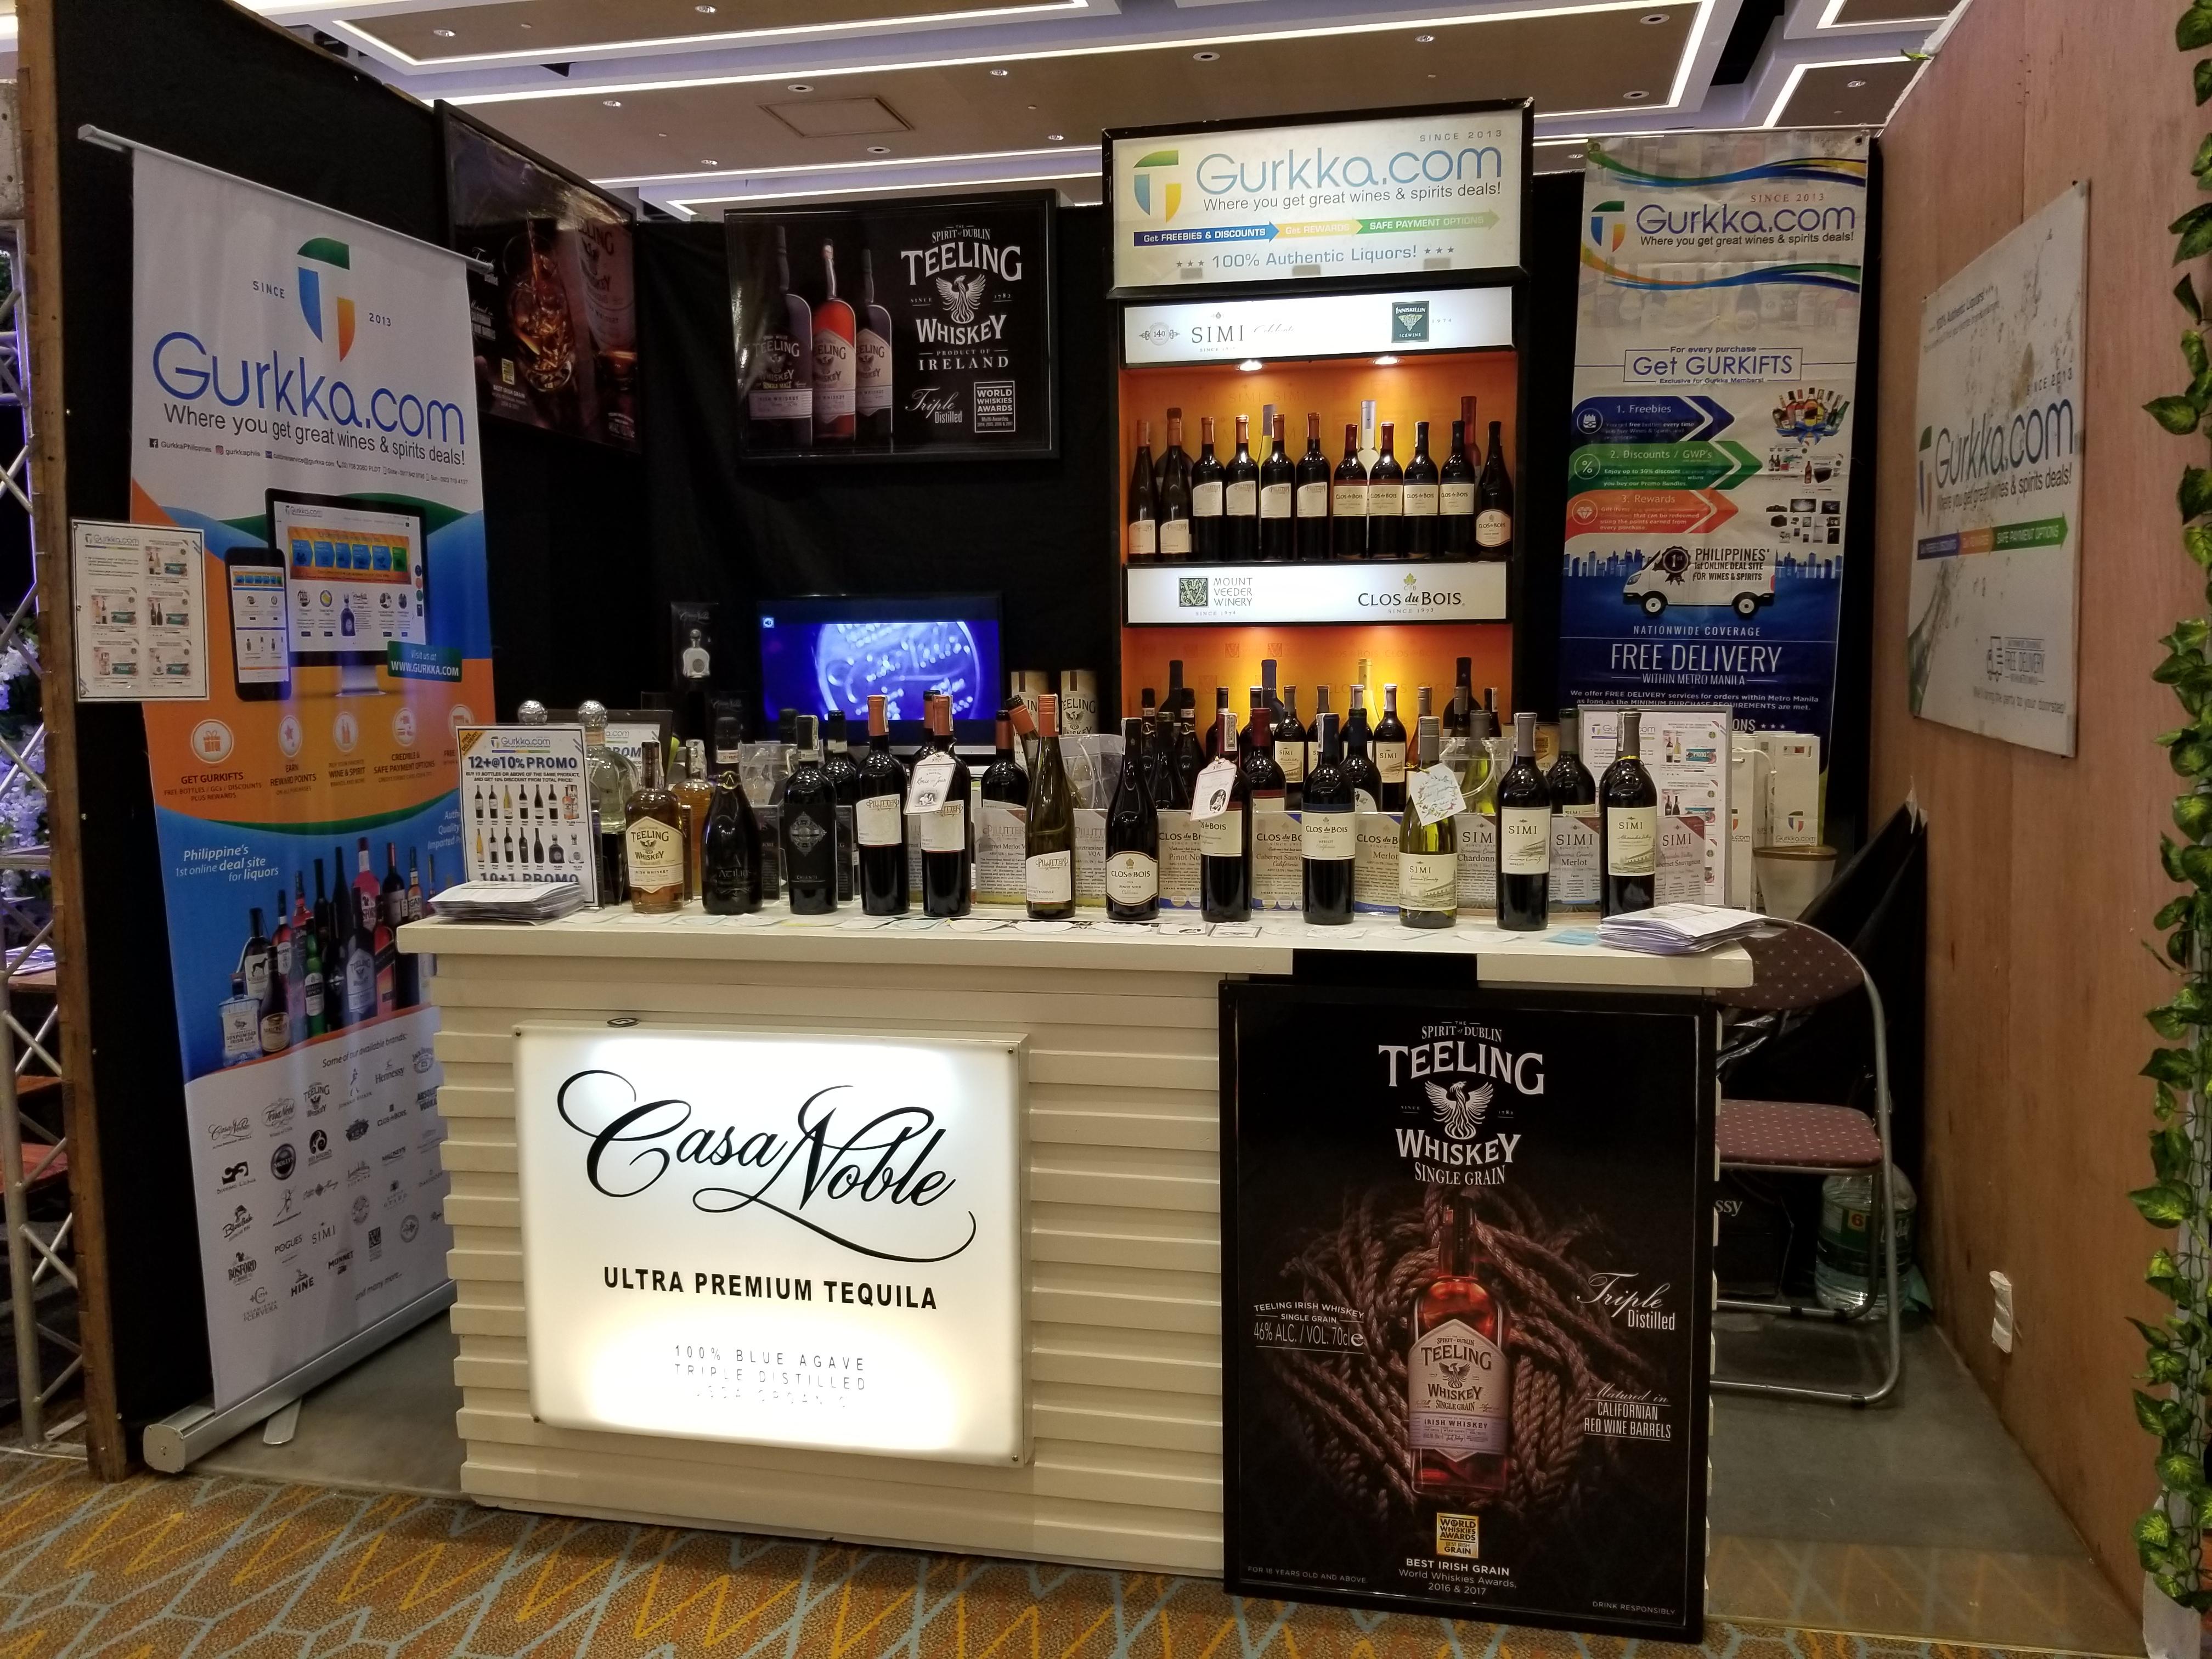 Gurkka | Where you get great wines & spirits deals!